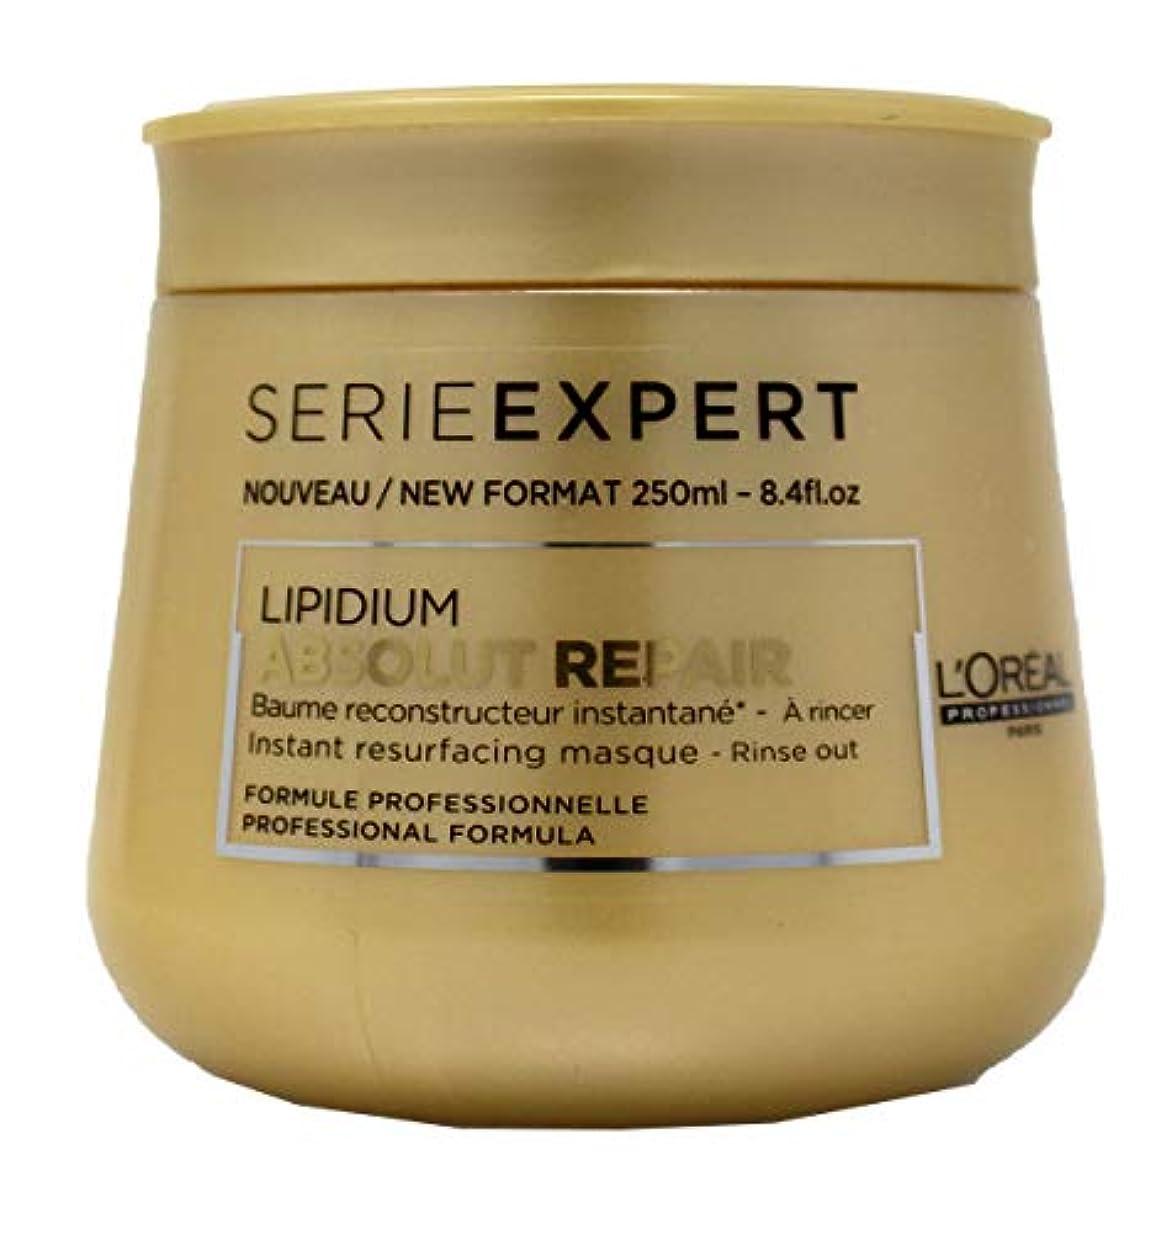 パッケージ腹痛ここにロレアル セリエ エクスパート アブソルートリペア リピディアム マスク 250ml